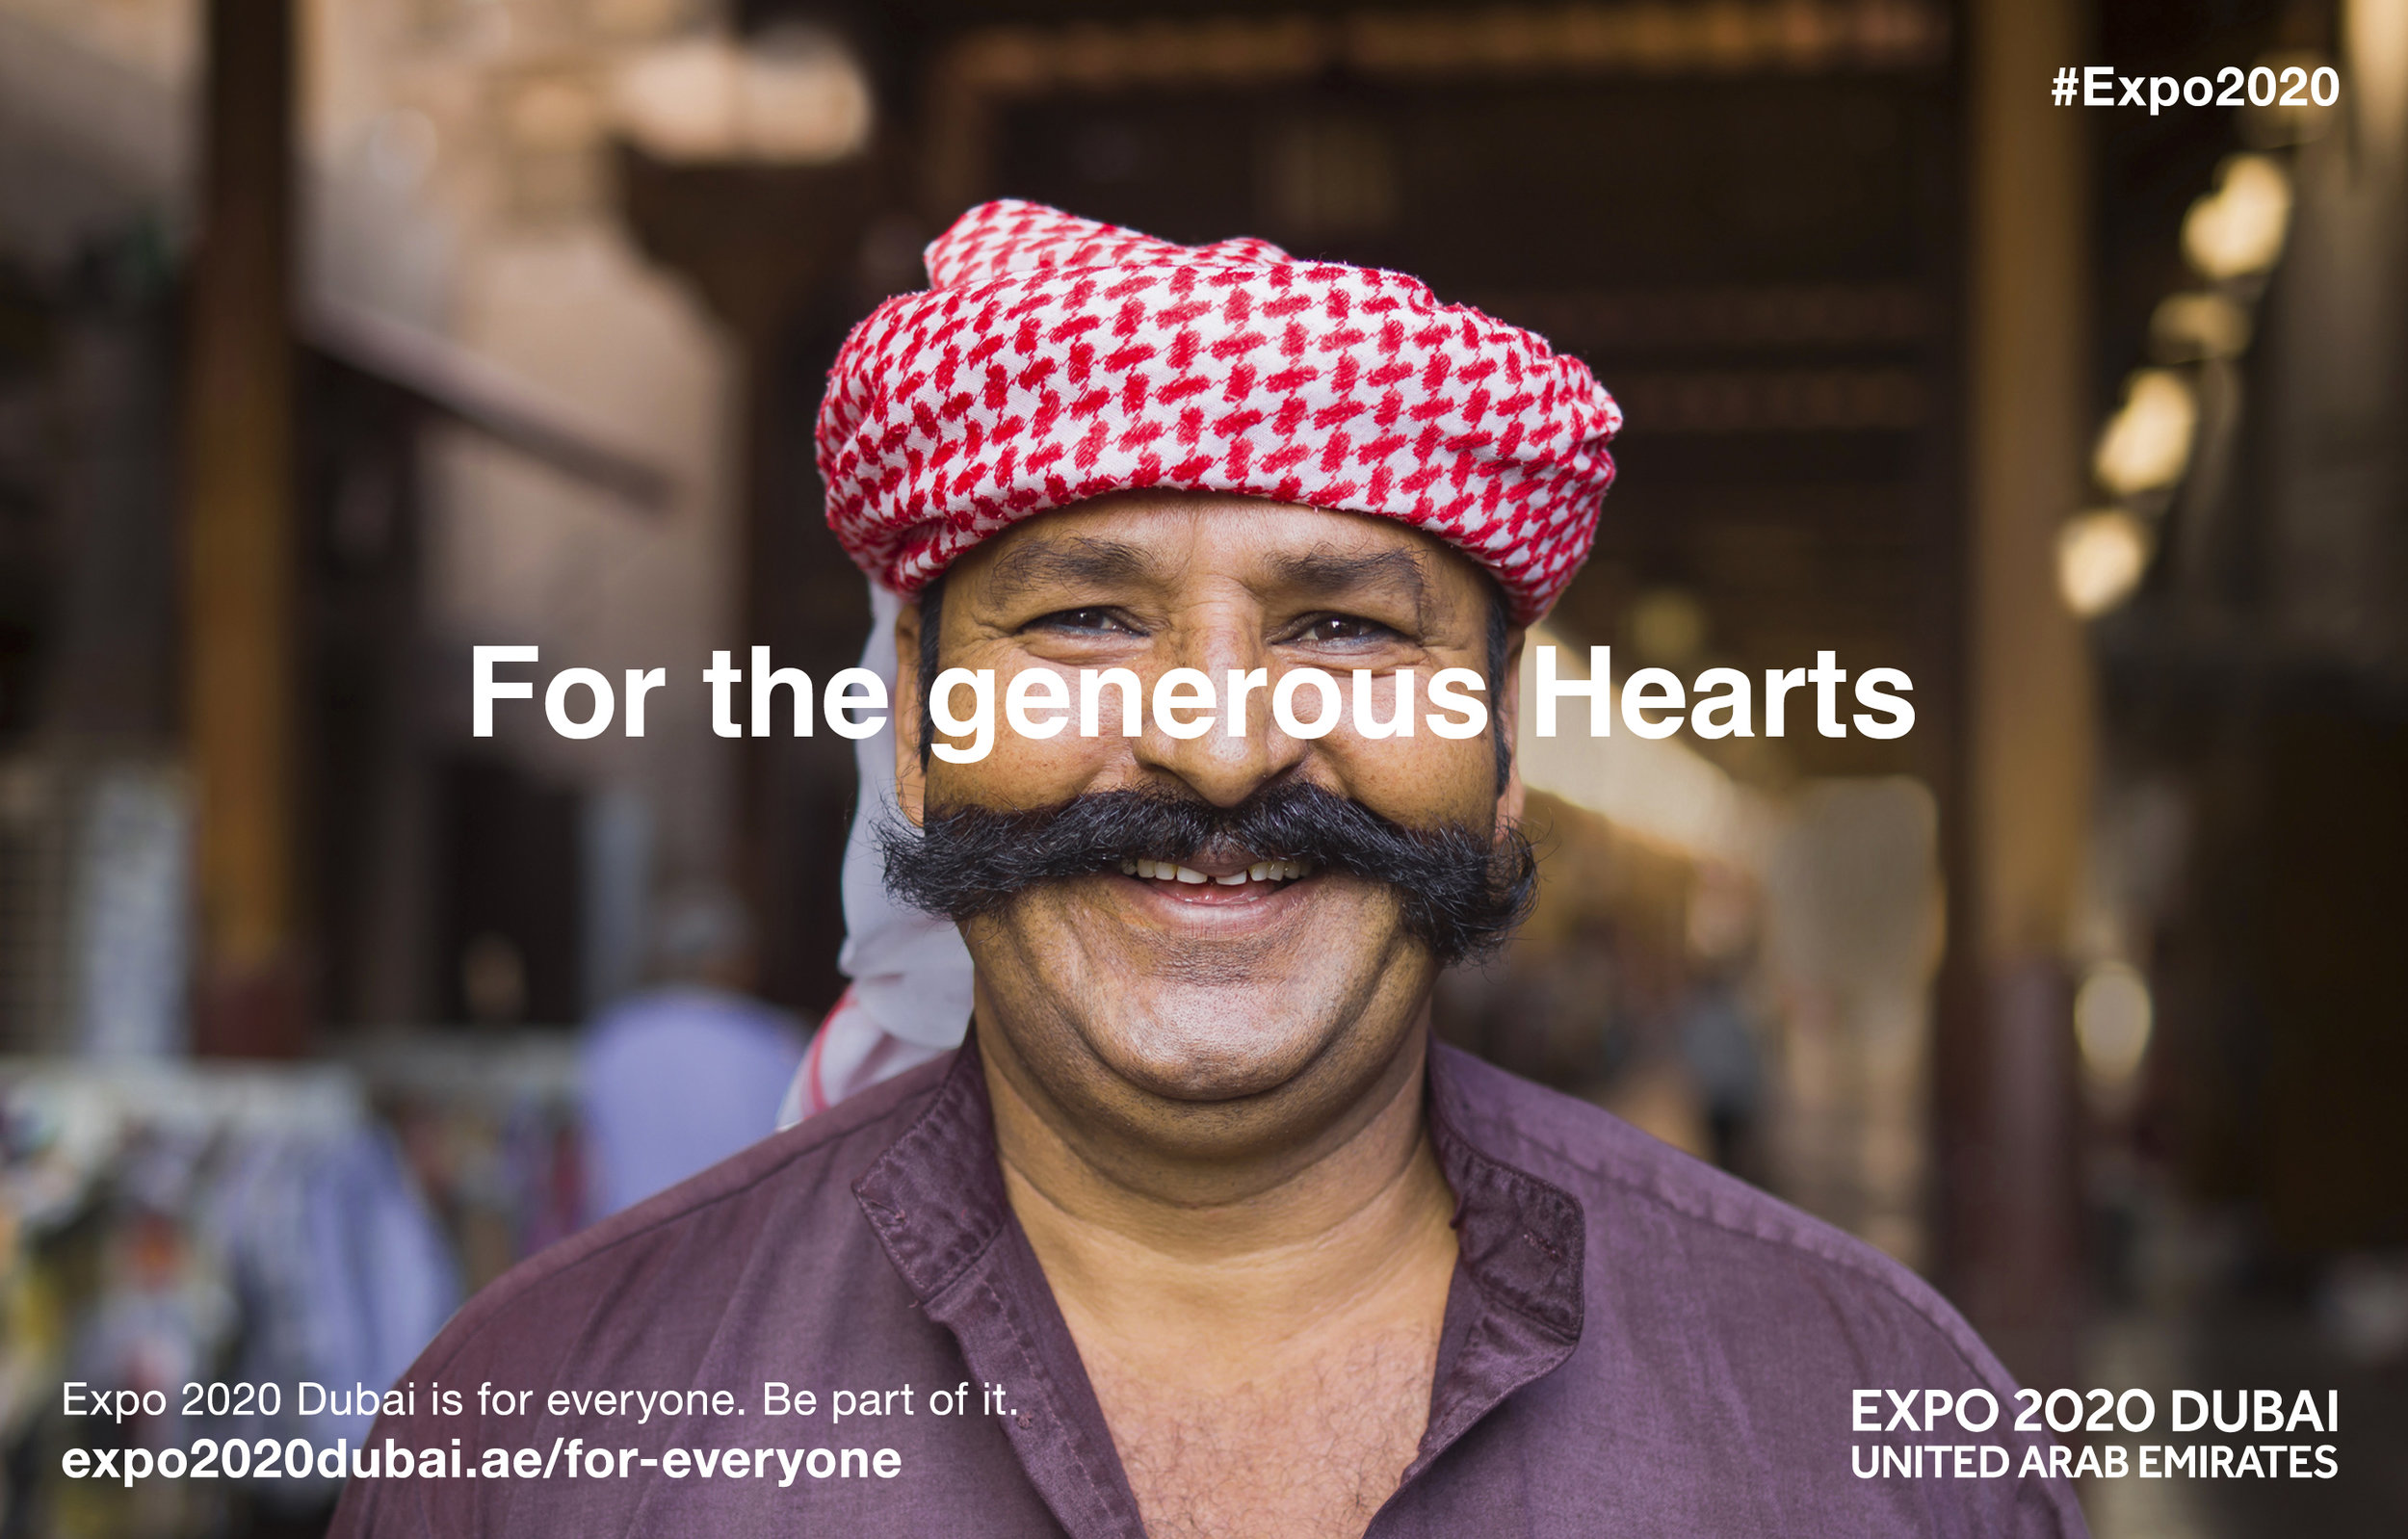 Expo 2020 Dubai   Agency - McCann - Erickson London  Photographer -  Hywell Waters